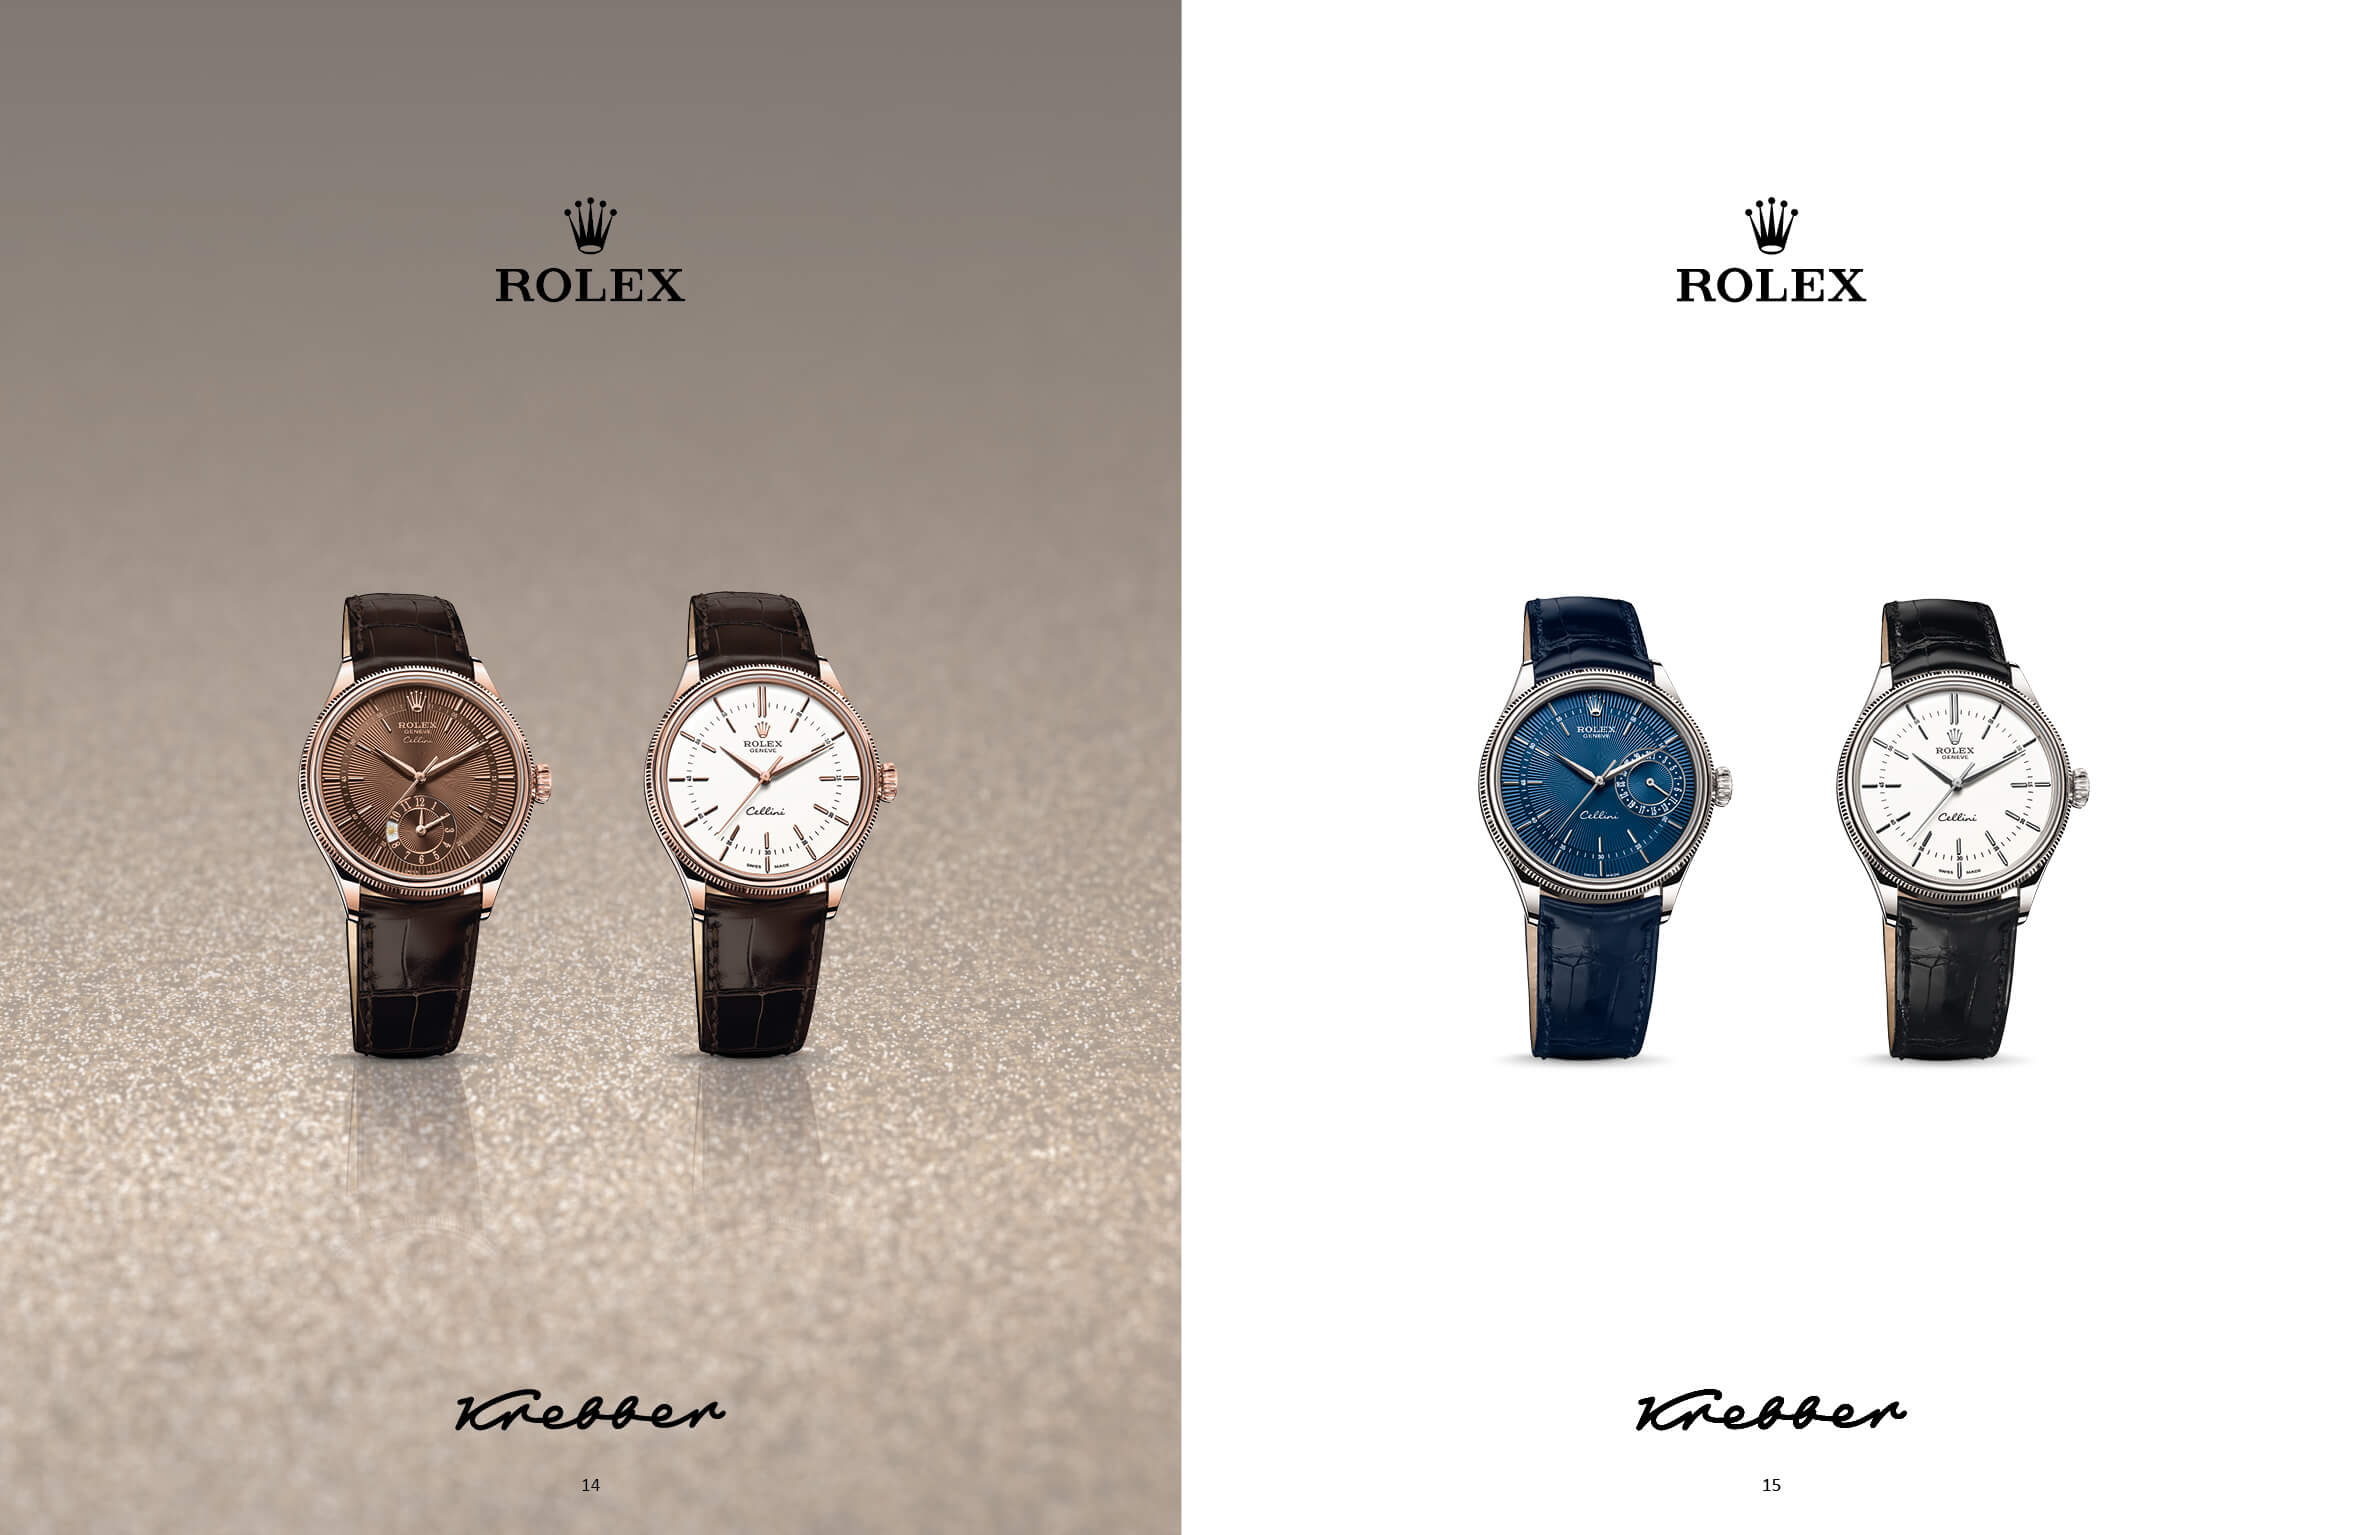 Doppelseite mit Rolex-Uhren